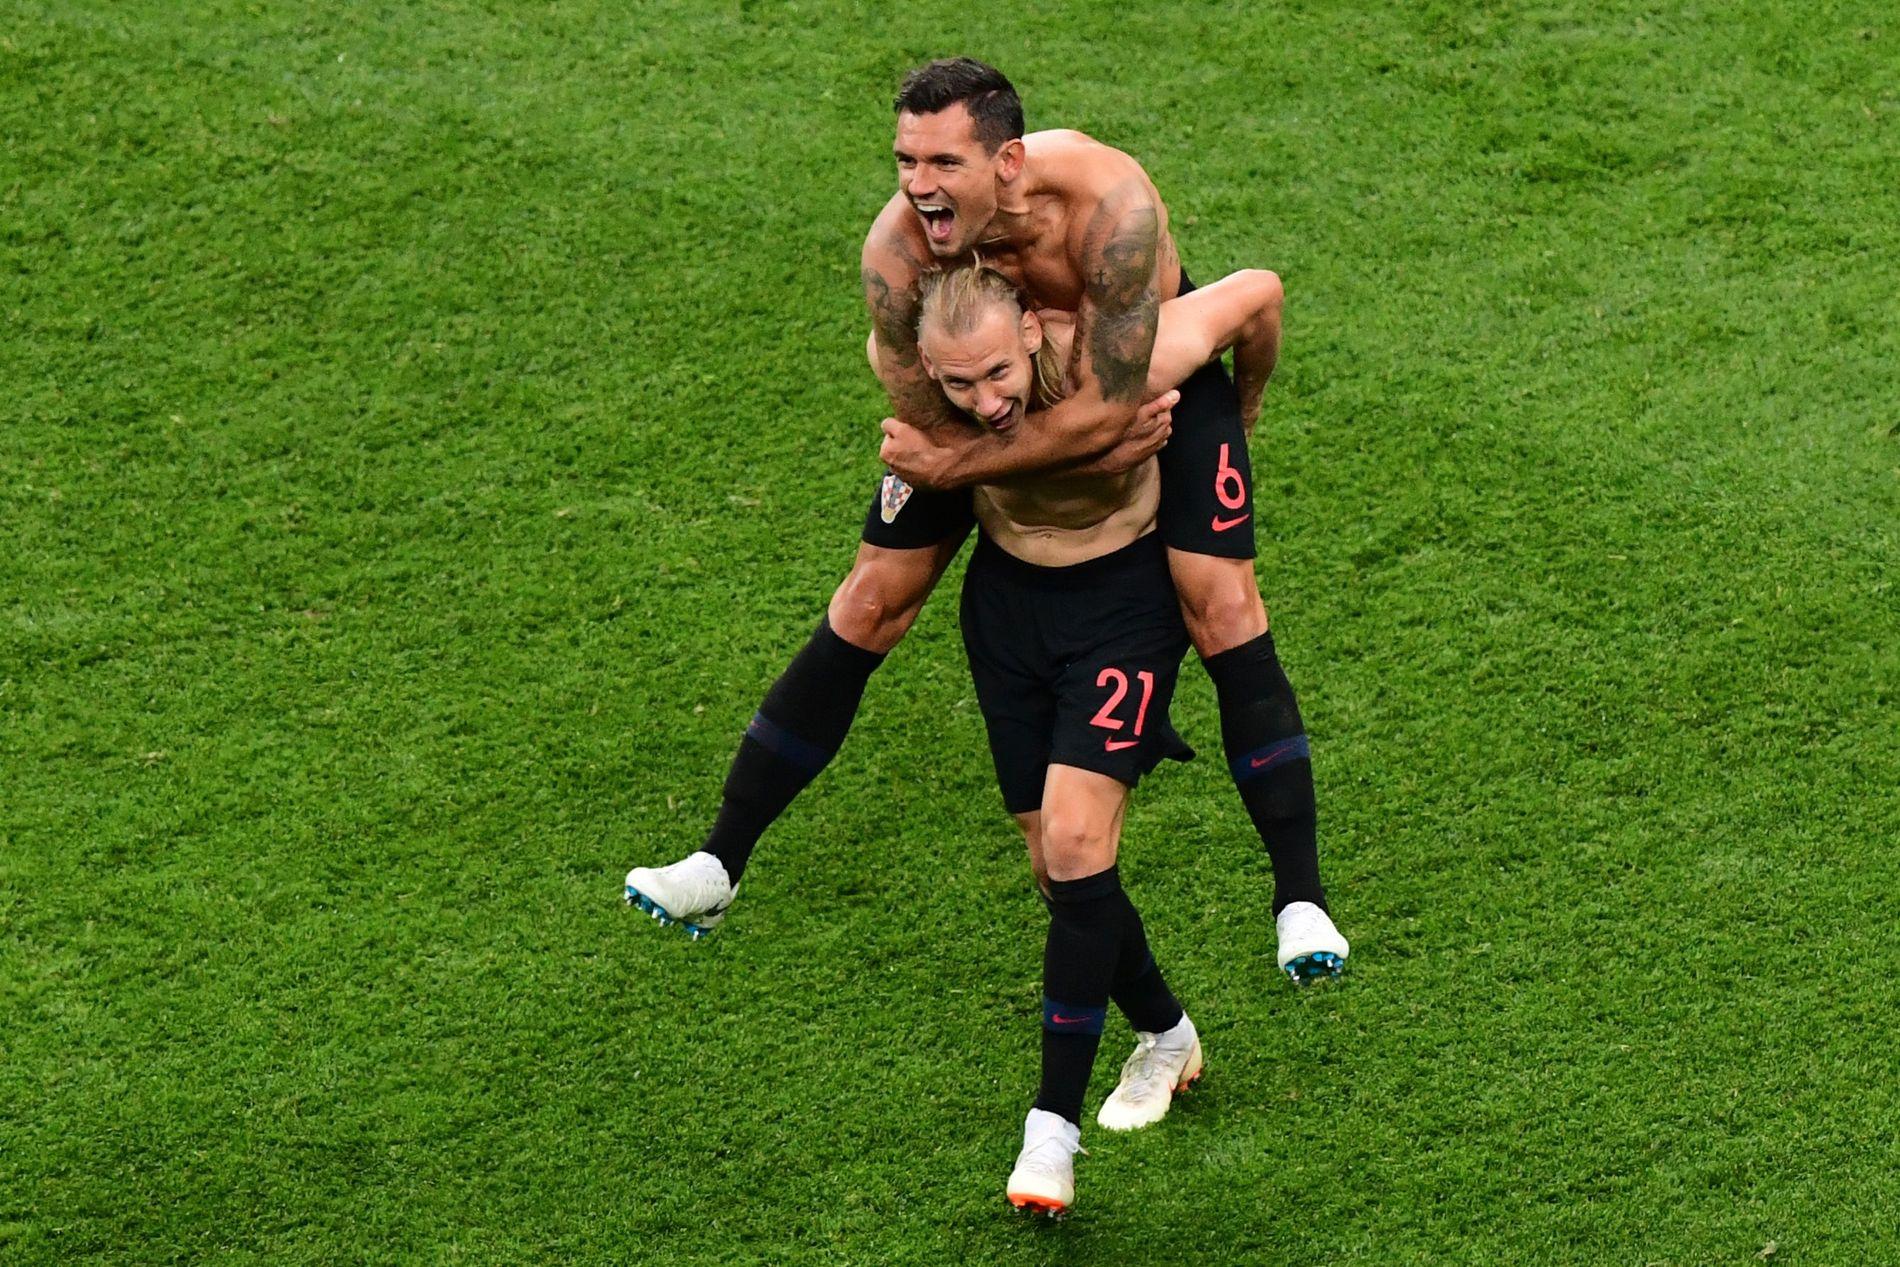 HAR VIST VM-MUSKLER: Dejan Lovren jubler på ryggen til lagkamerat Domagoj Vida etter seieren mot Argentina.